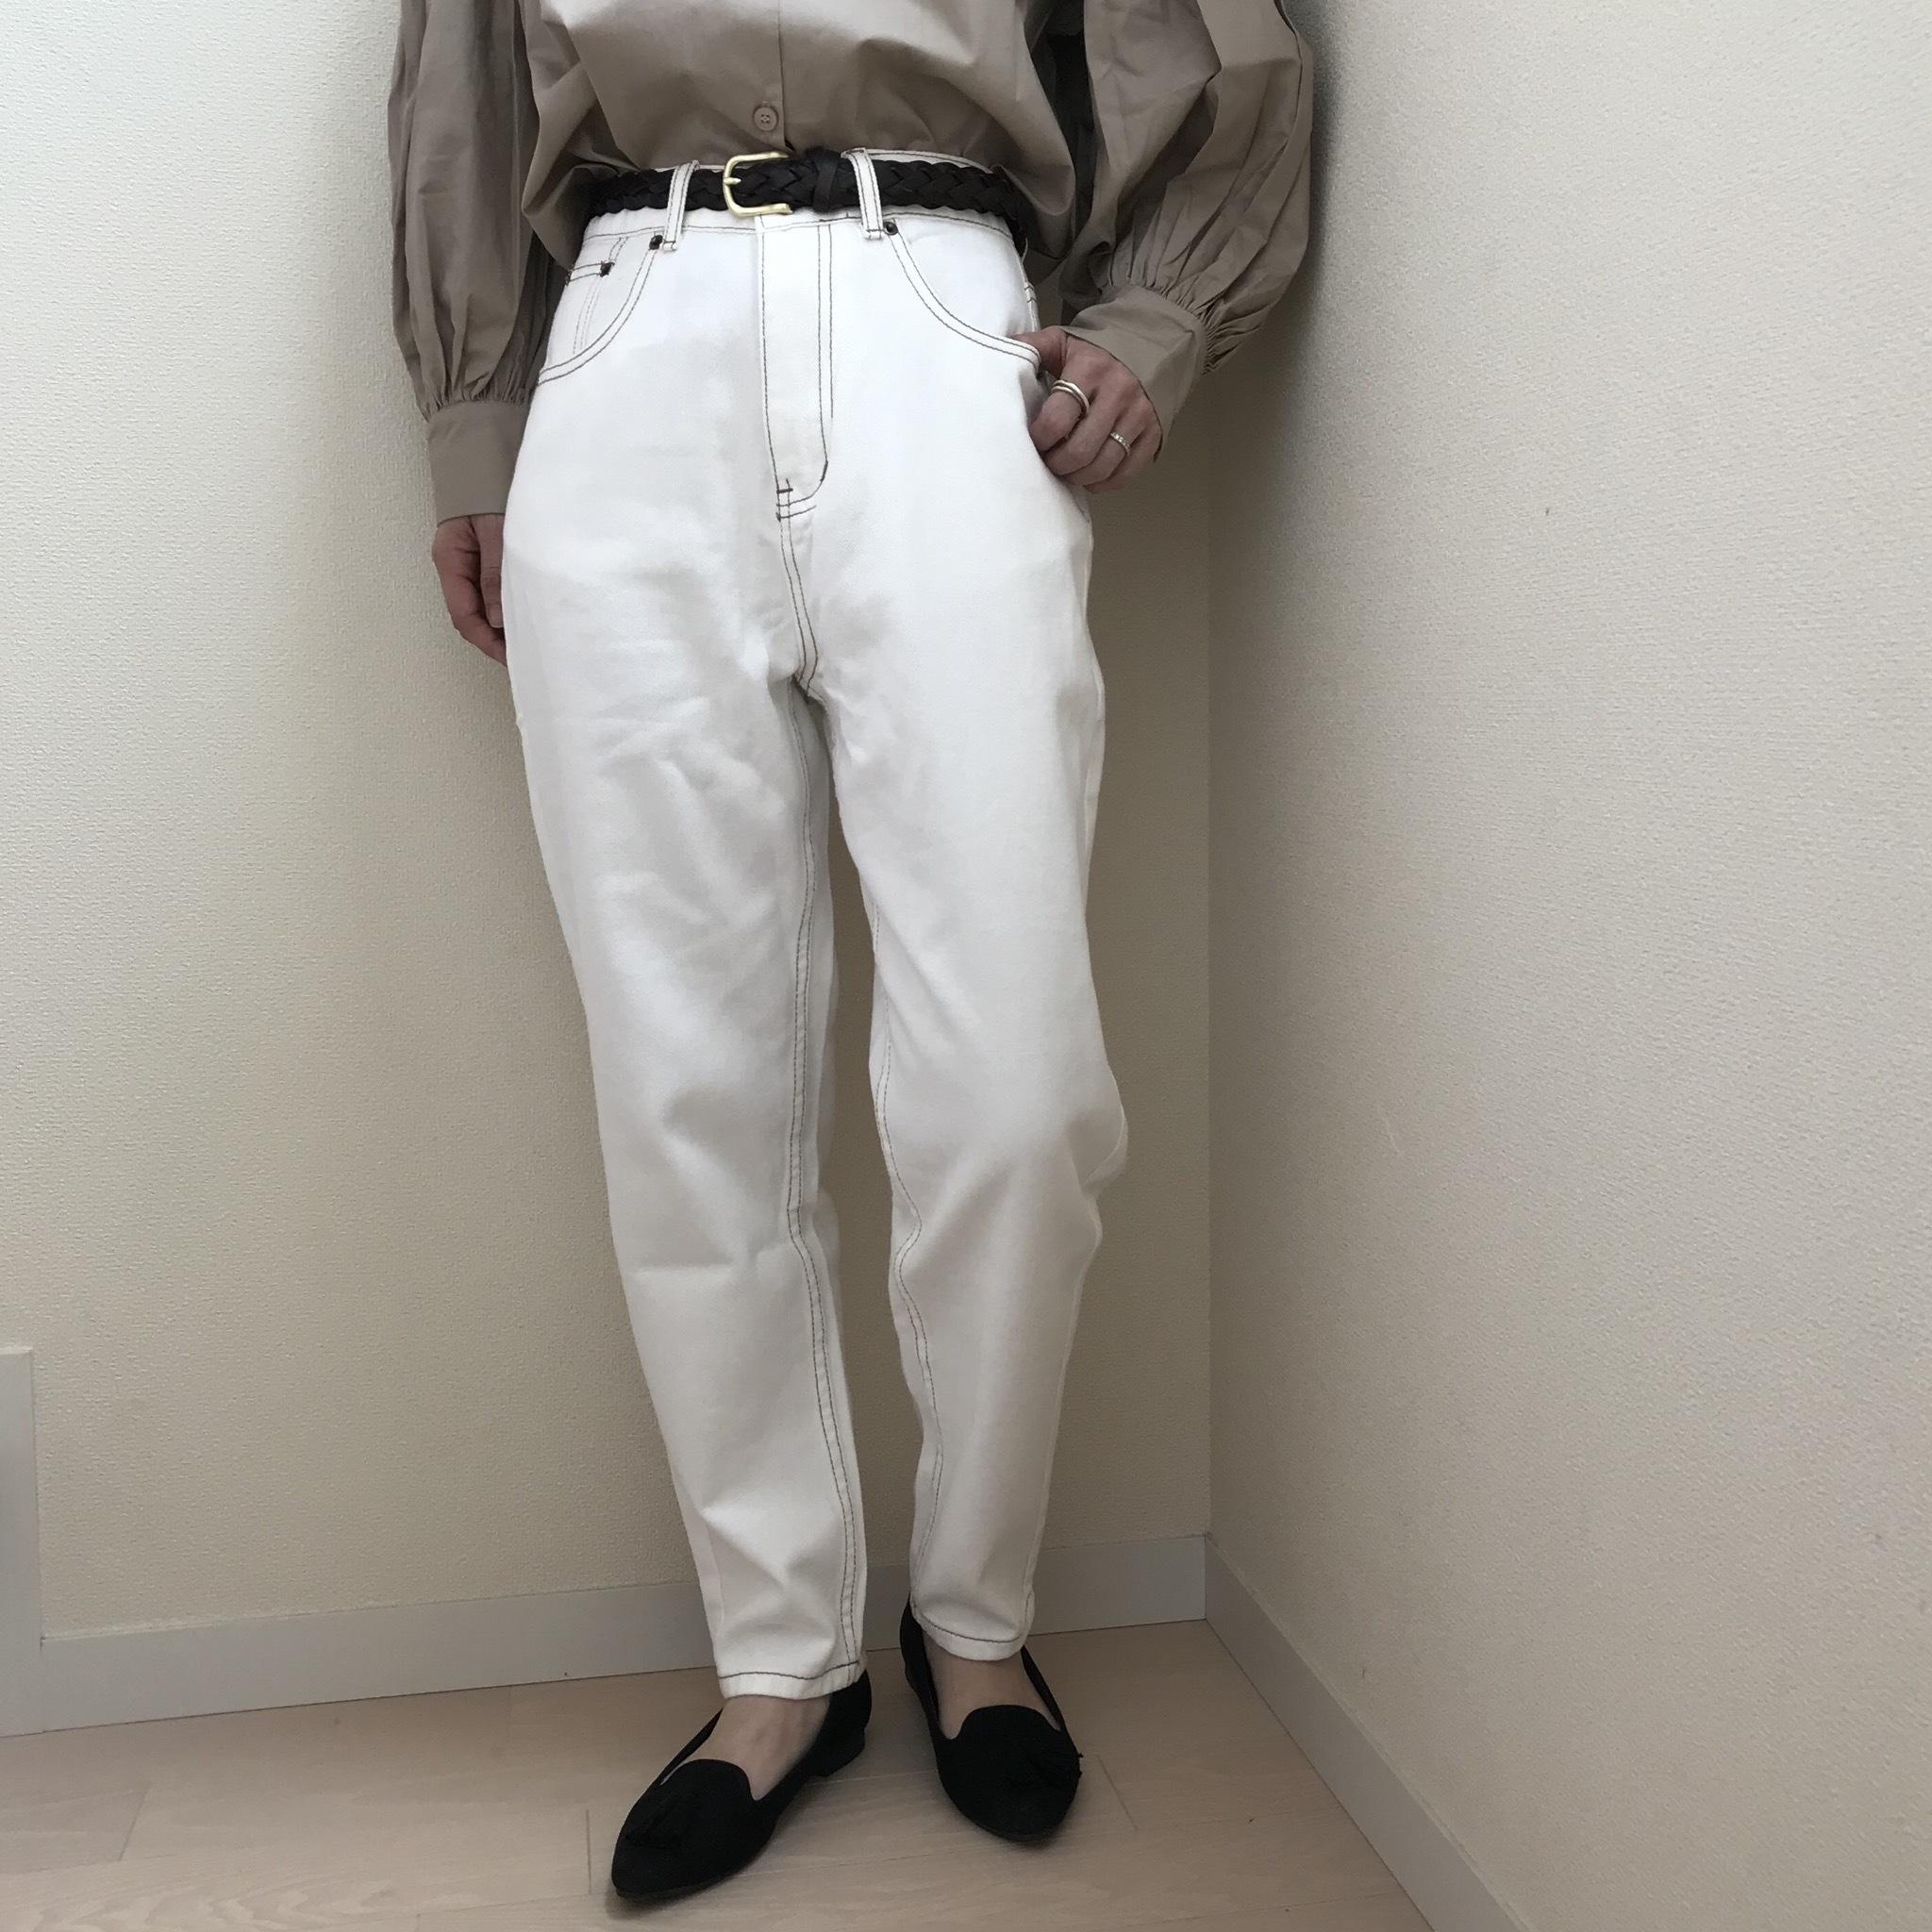 【レディース】ハイウエストコットンテーパードカーブパンツ【L016】